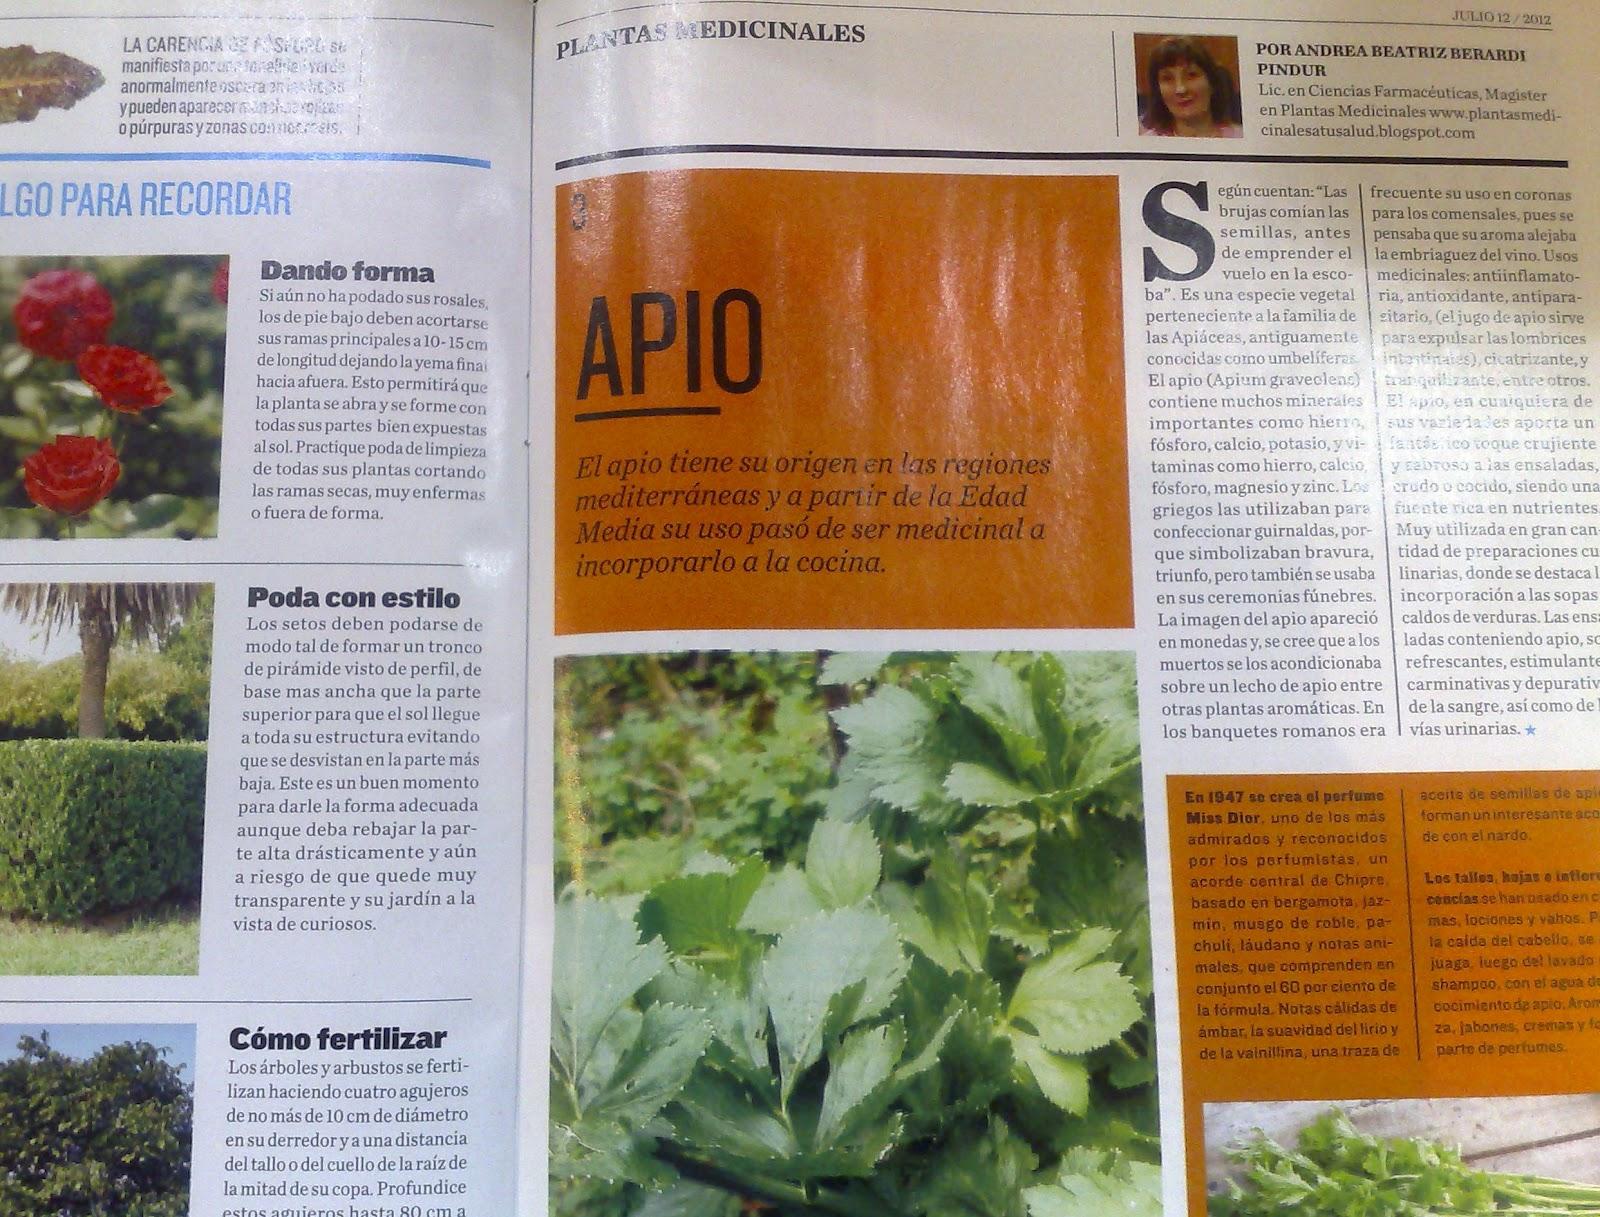 Plantas para acido urico elevado leer m s art culos - Alimentos prohibidos vesicula ...